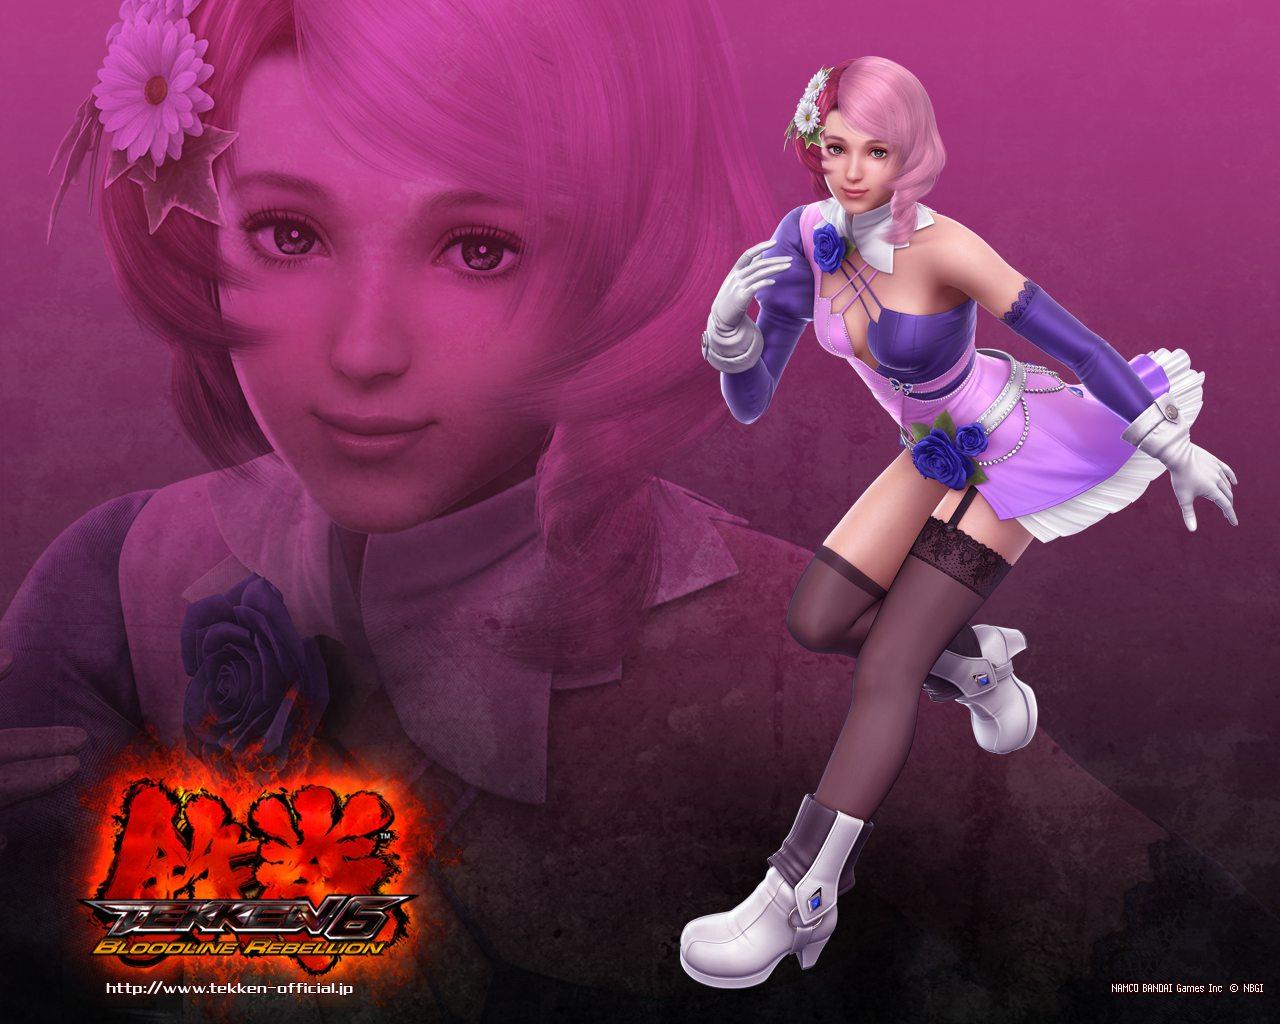 alisa tekken cosplay - photo #32